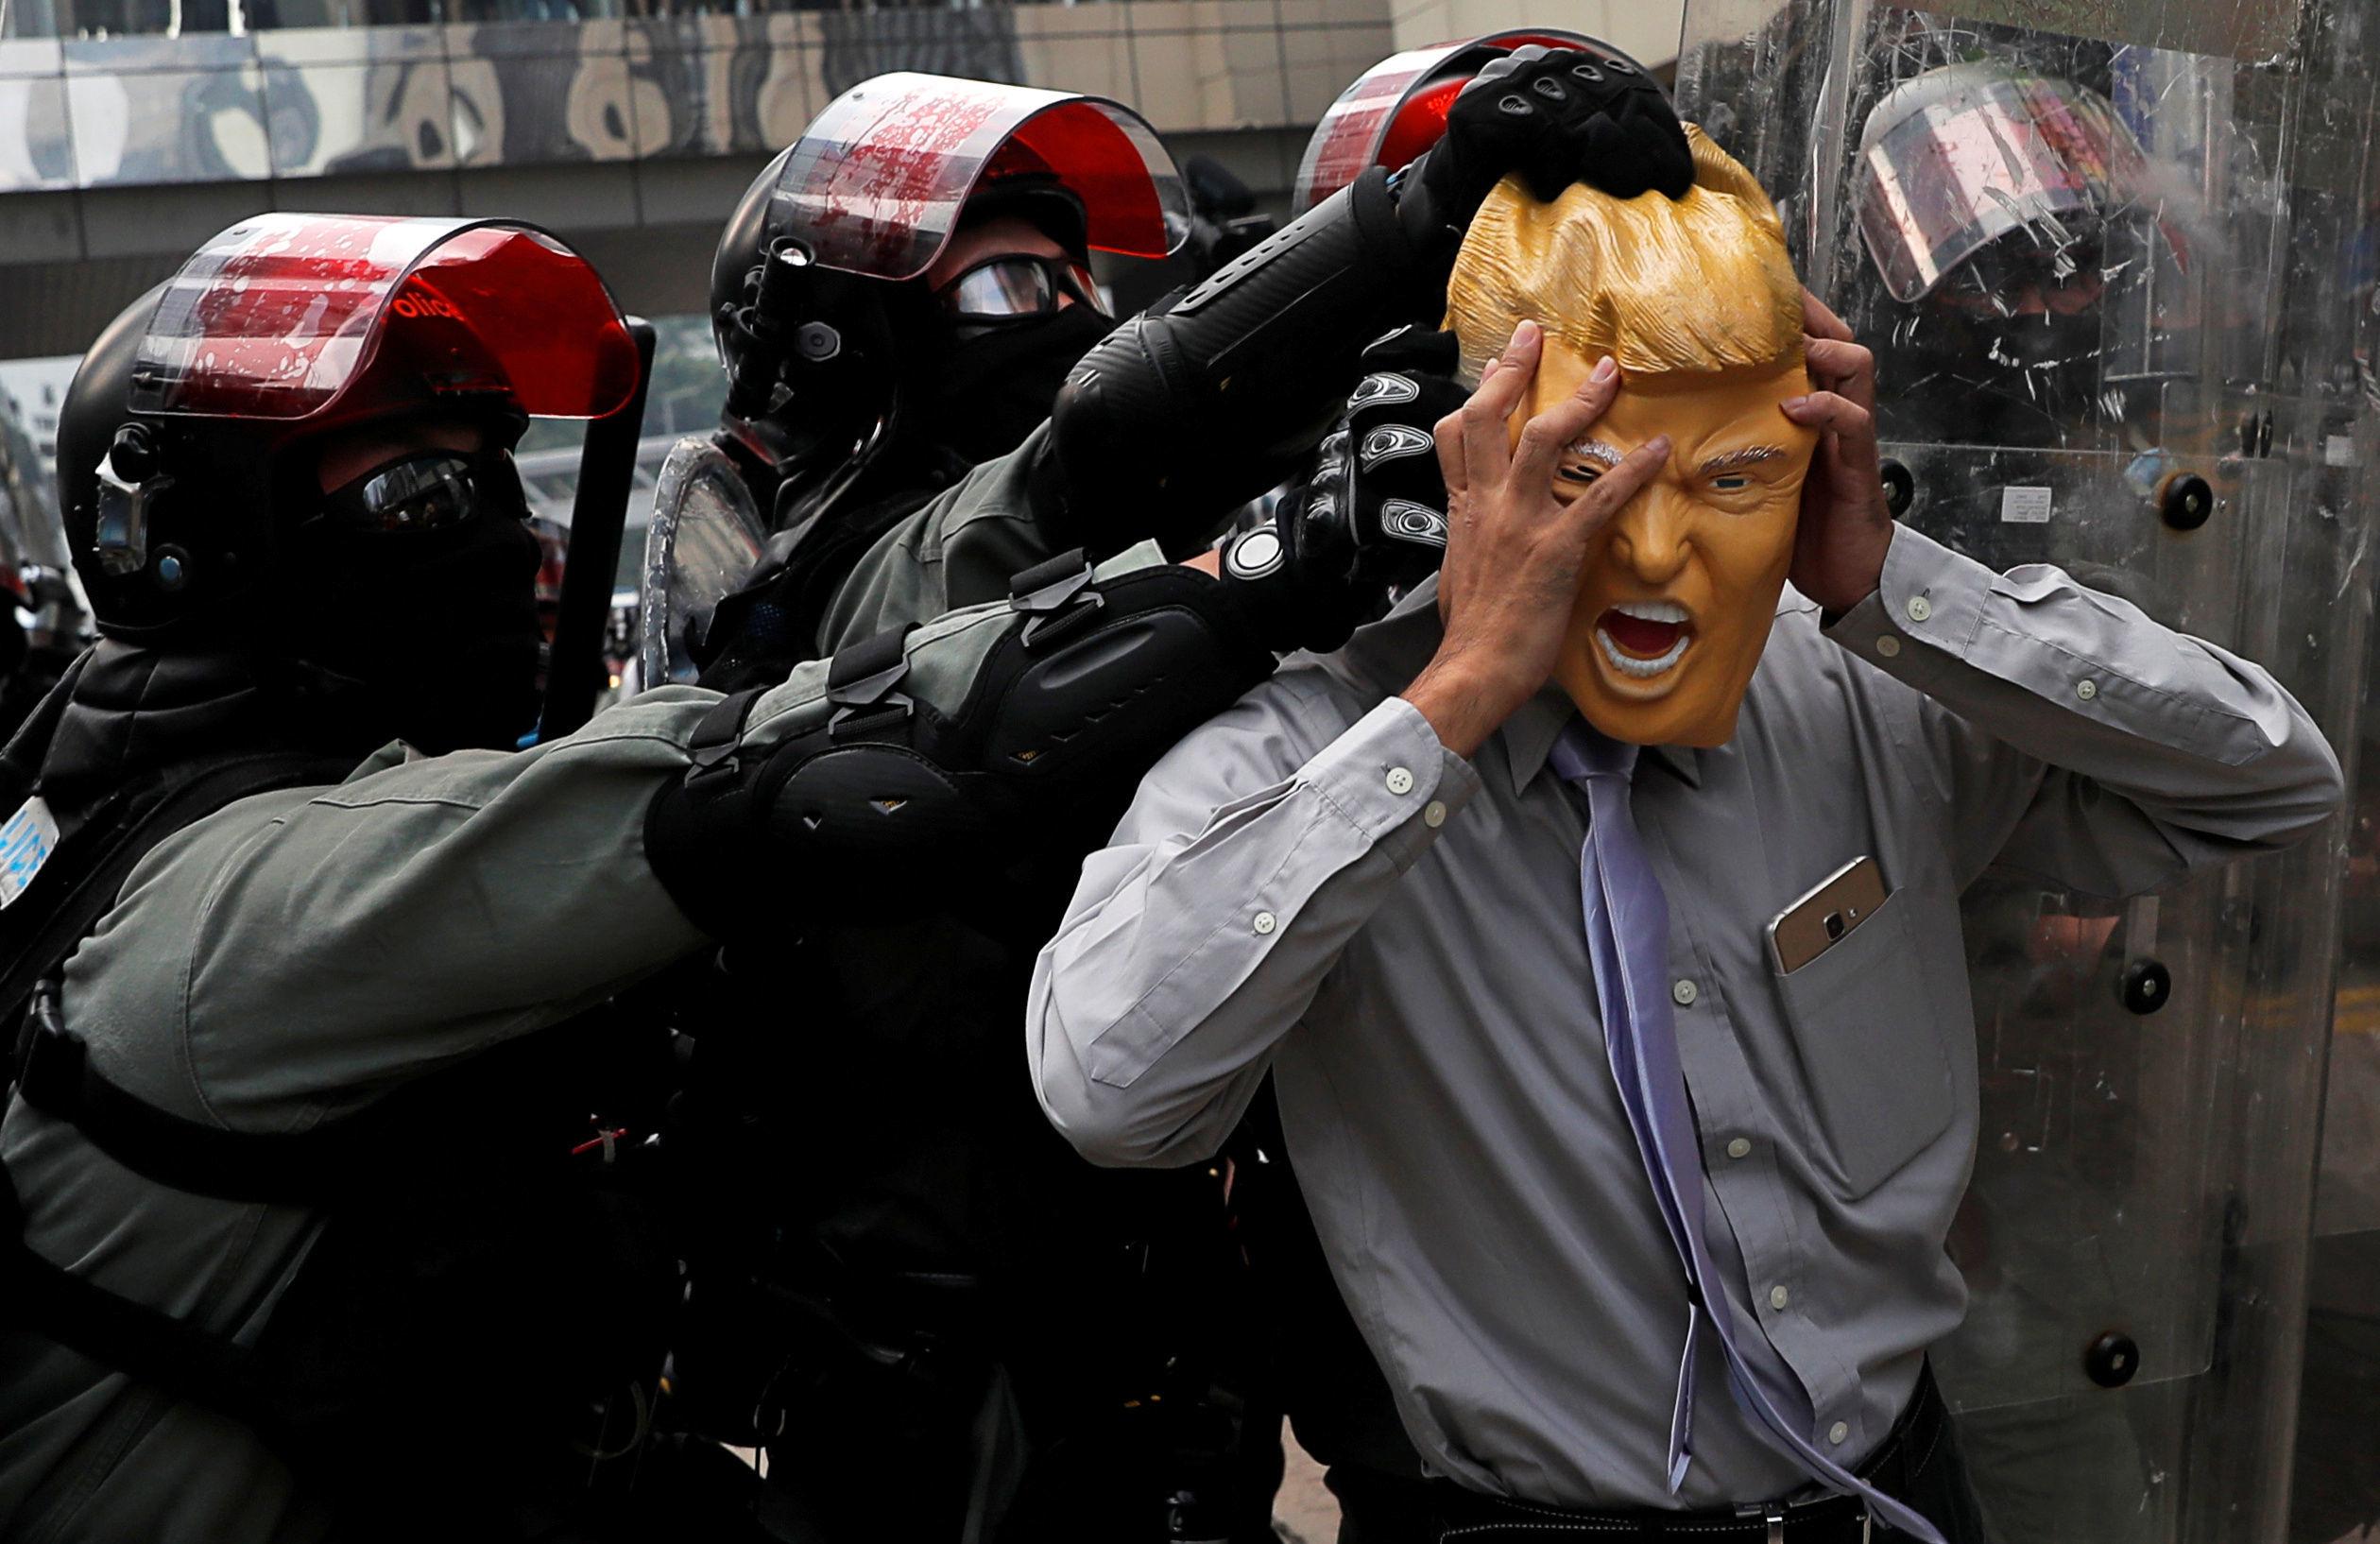 Manifestante antigovernamental usando máscara do presidente norte-americano Donald Trump, durante manifestações em Hong Kong